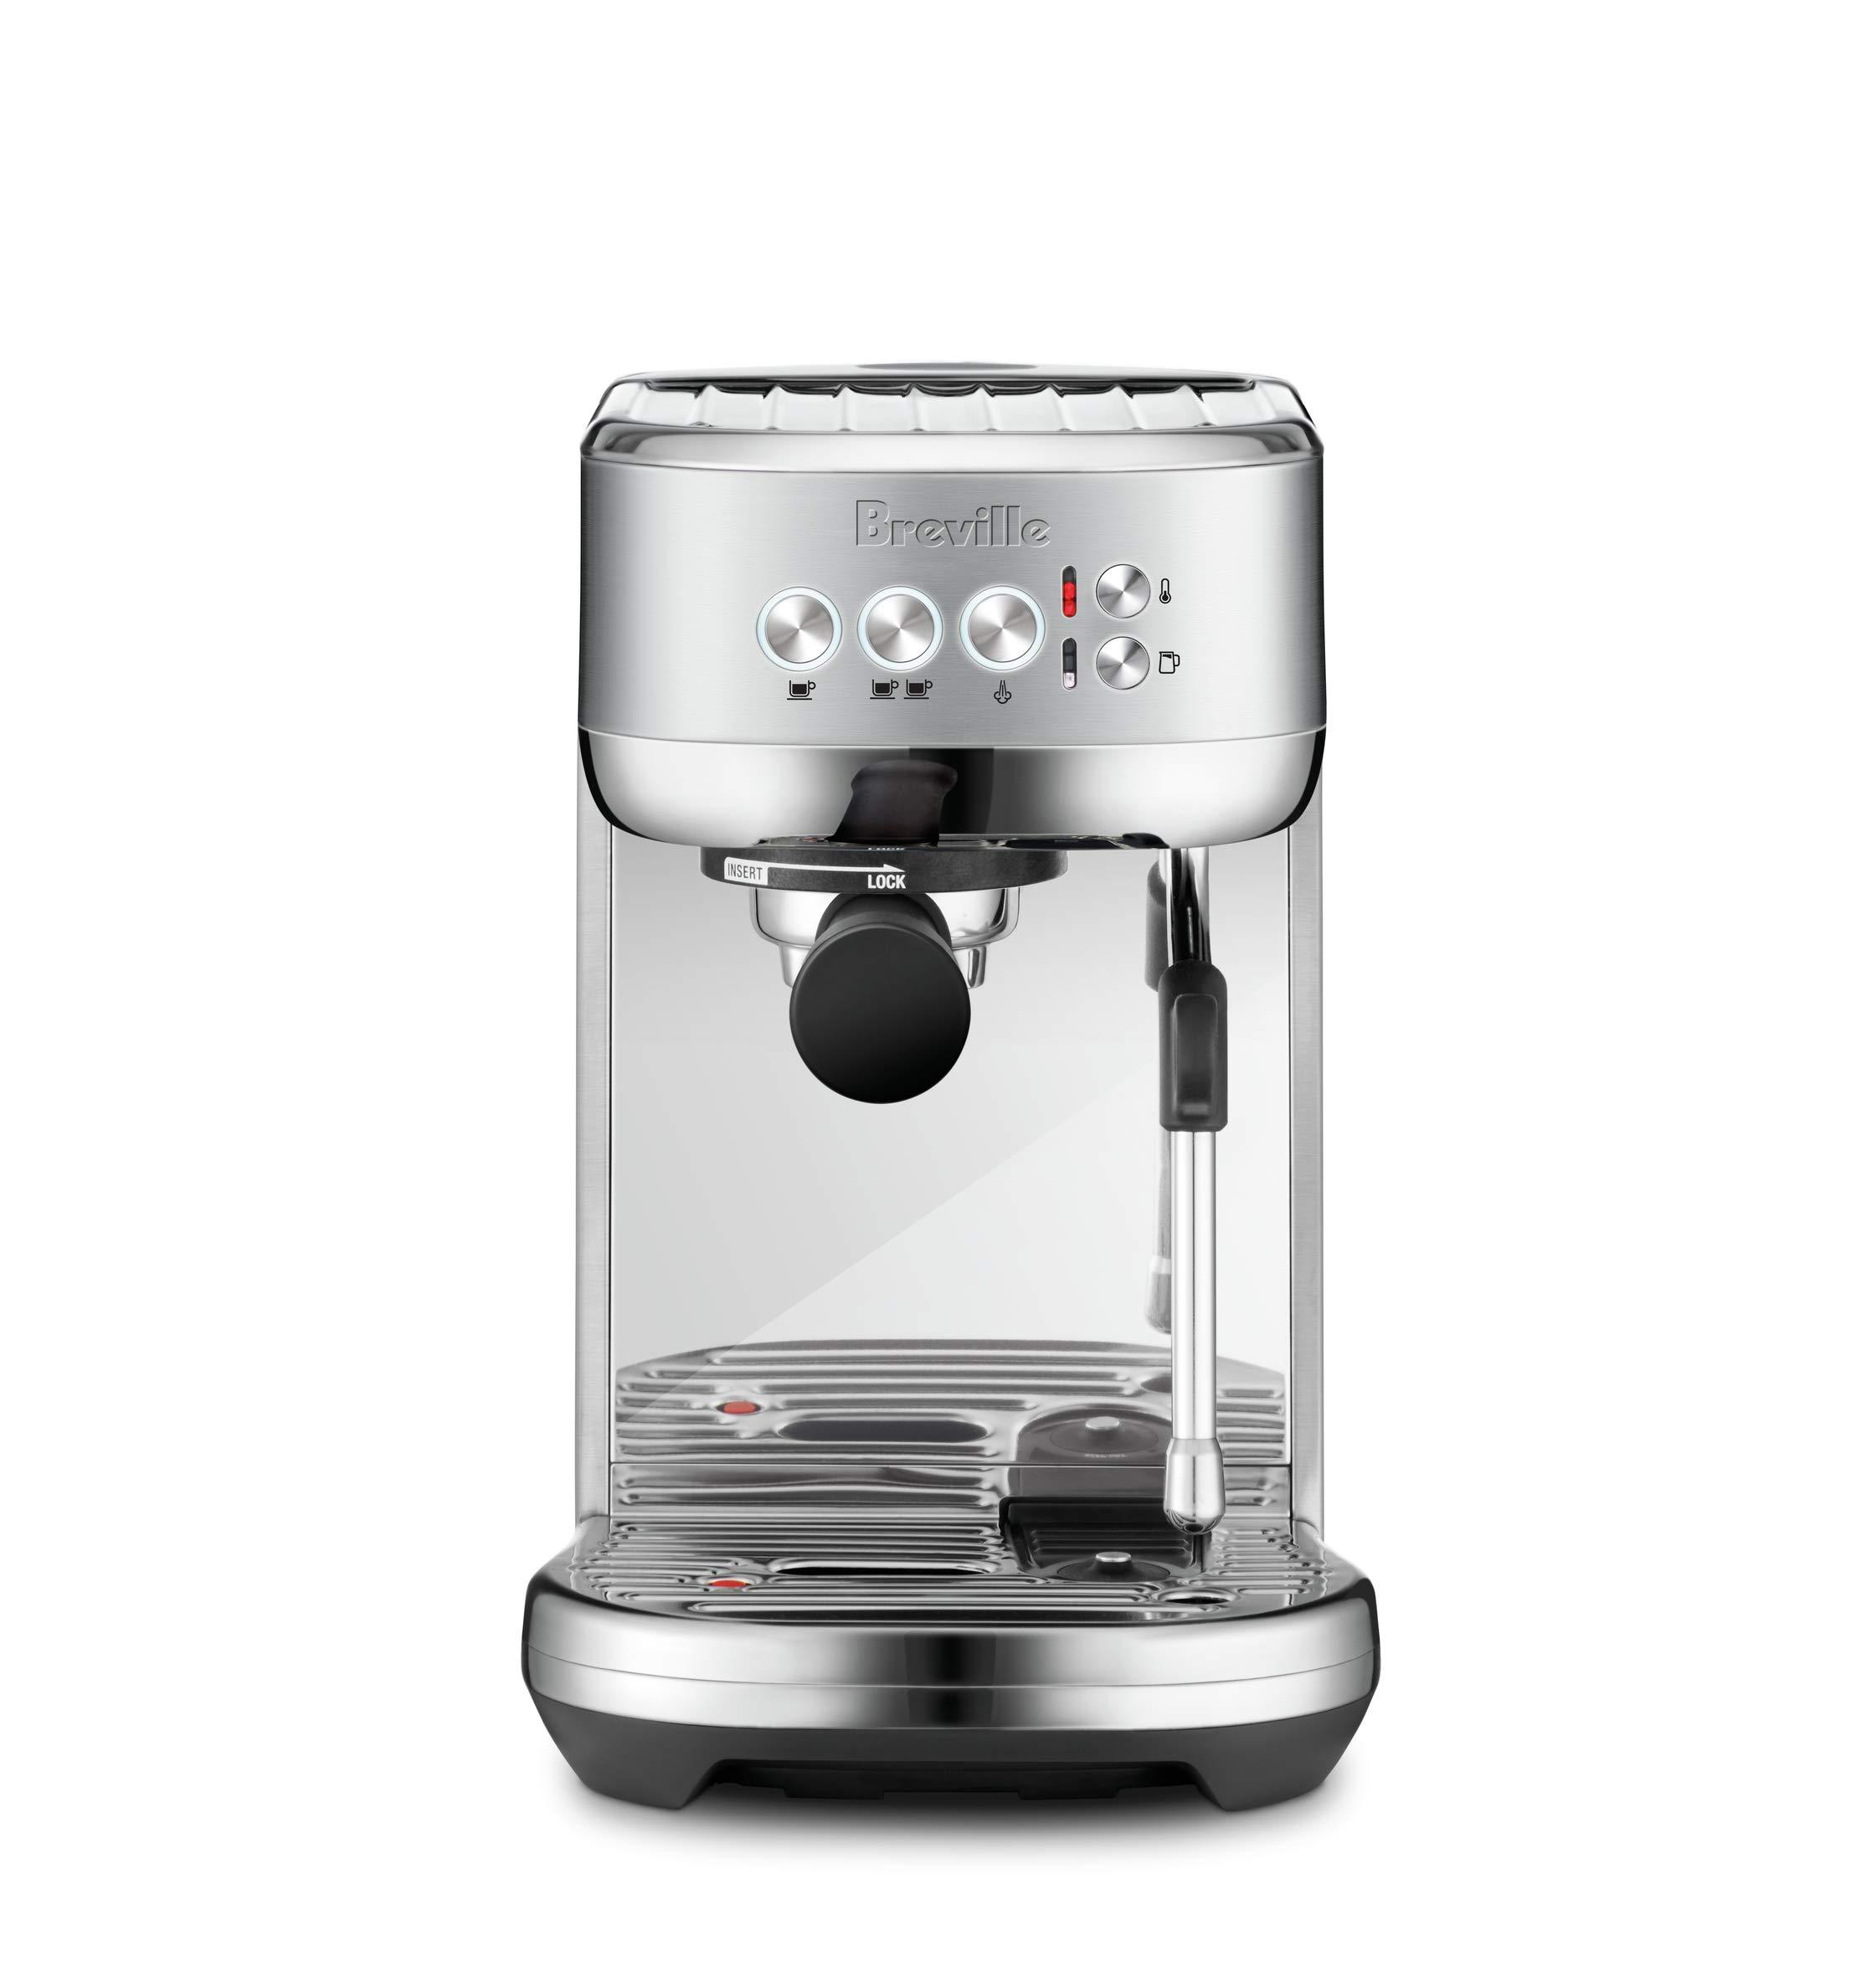 Breville-BES500BSS-Bambino-Plus-Espresso-Machine